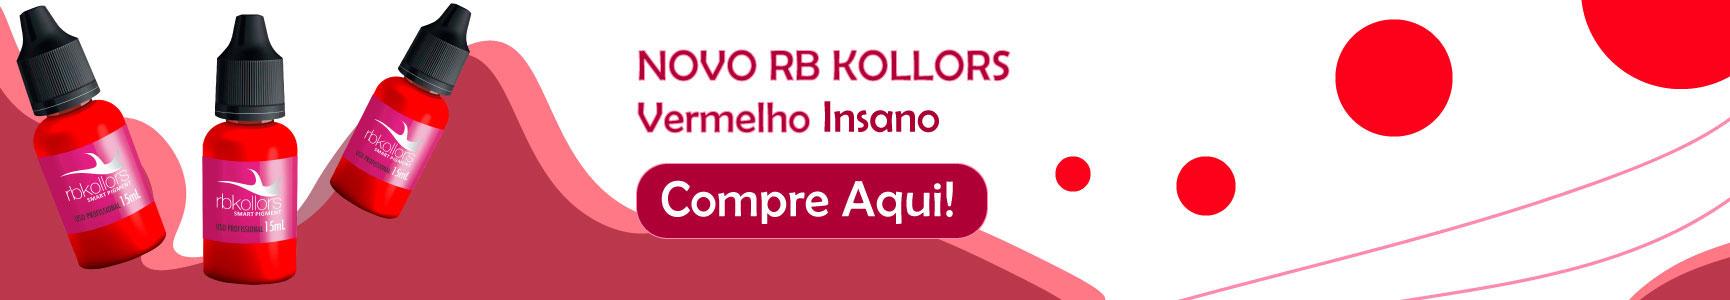 vermelho intenso rb kollors